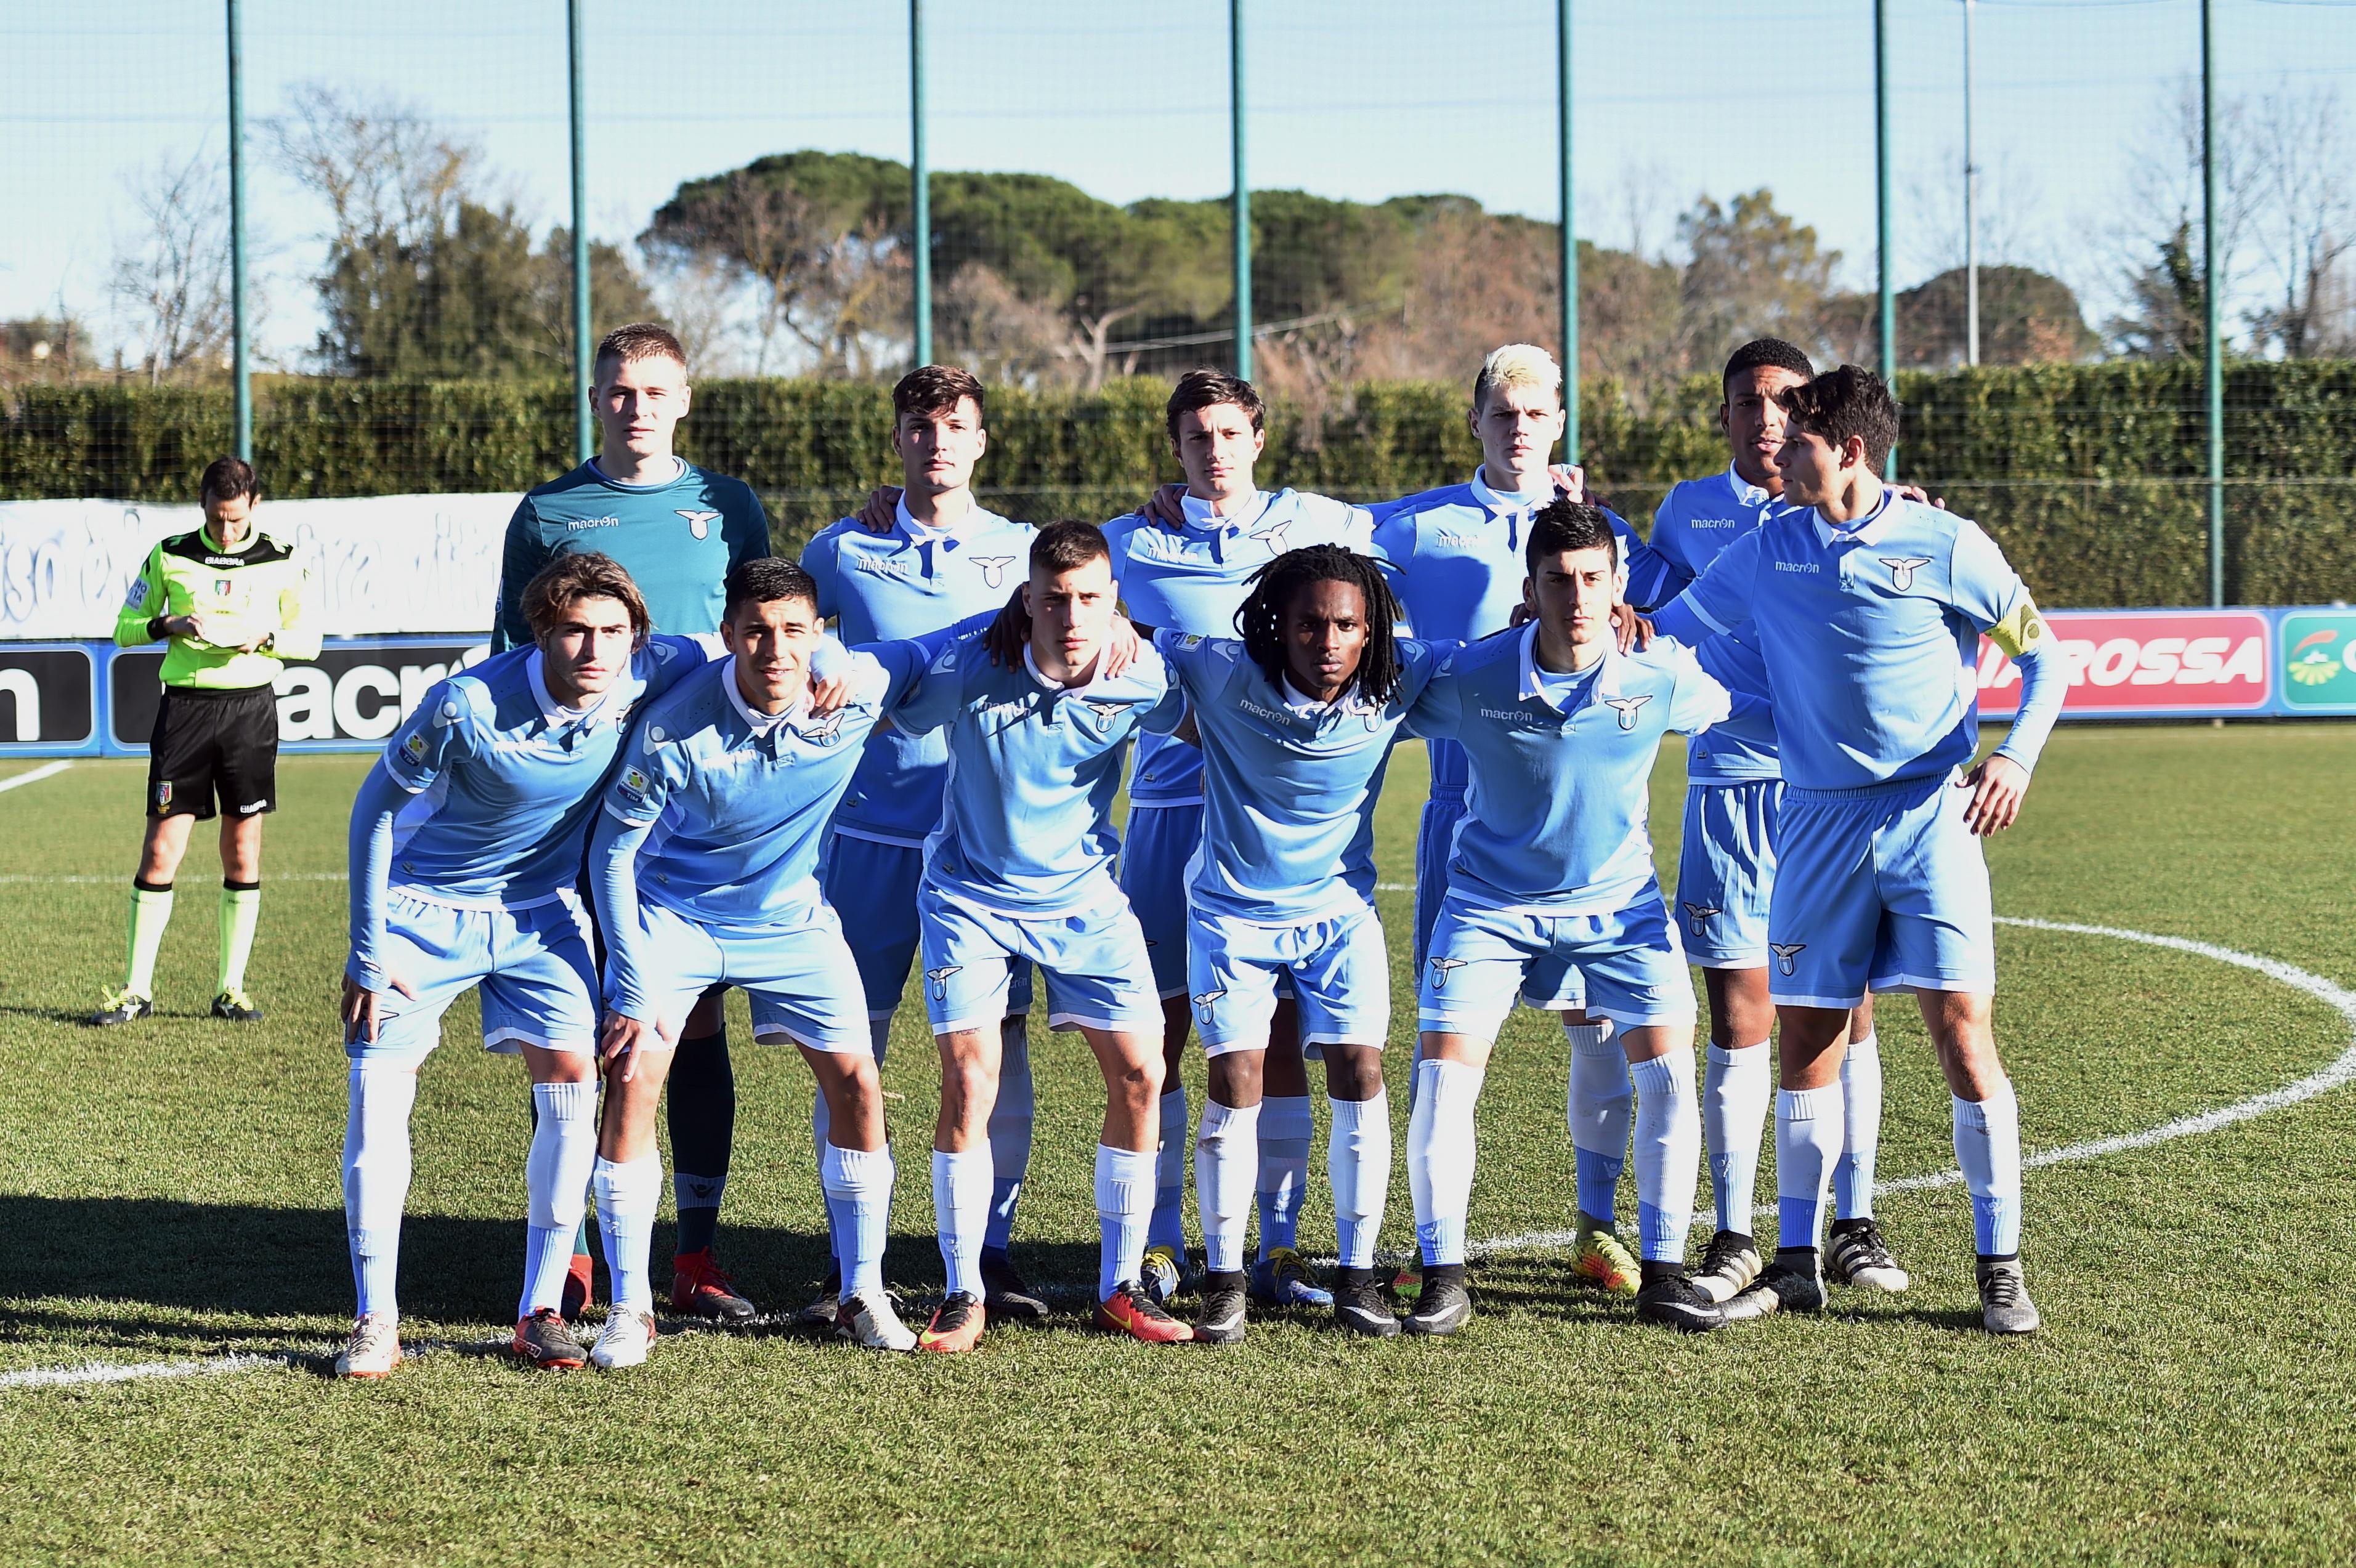 Lazio Primavera Calendario.Primavera Il Calendario Completo Della Final Eight Lazio